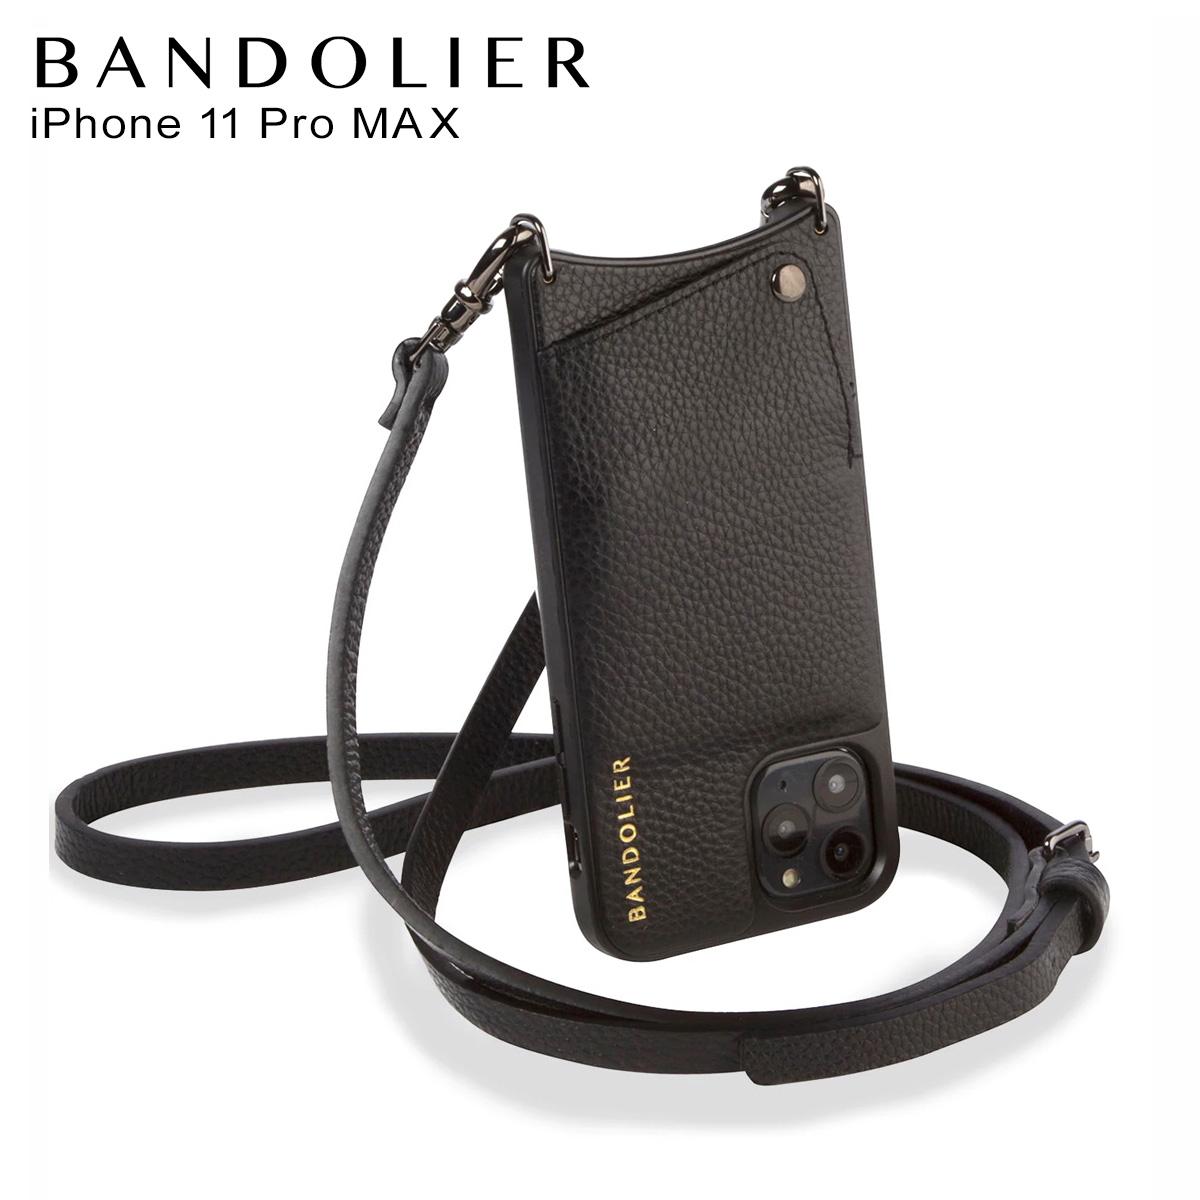 バンドリヤー BANDOLIER エマ ピューター iPhone11 Pro MAX ケース スマホ 携帯 ショルダー アイフォン メンズ レディース EMMA PEWTER ブラック 黒 2980